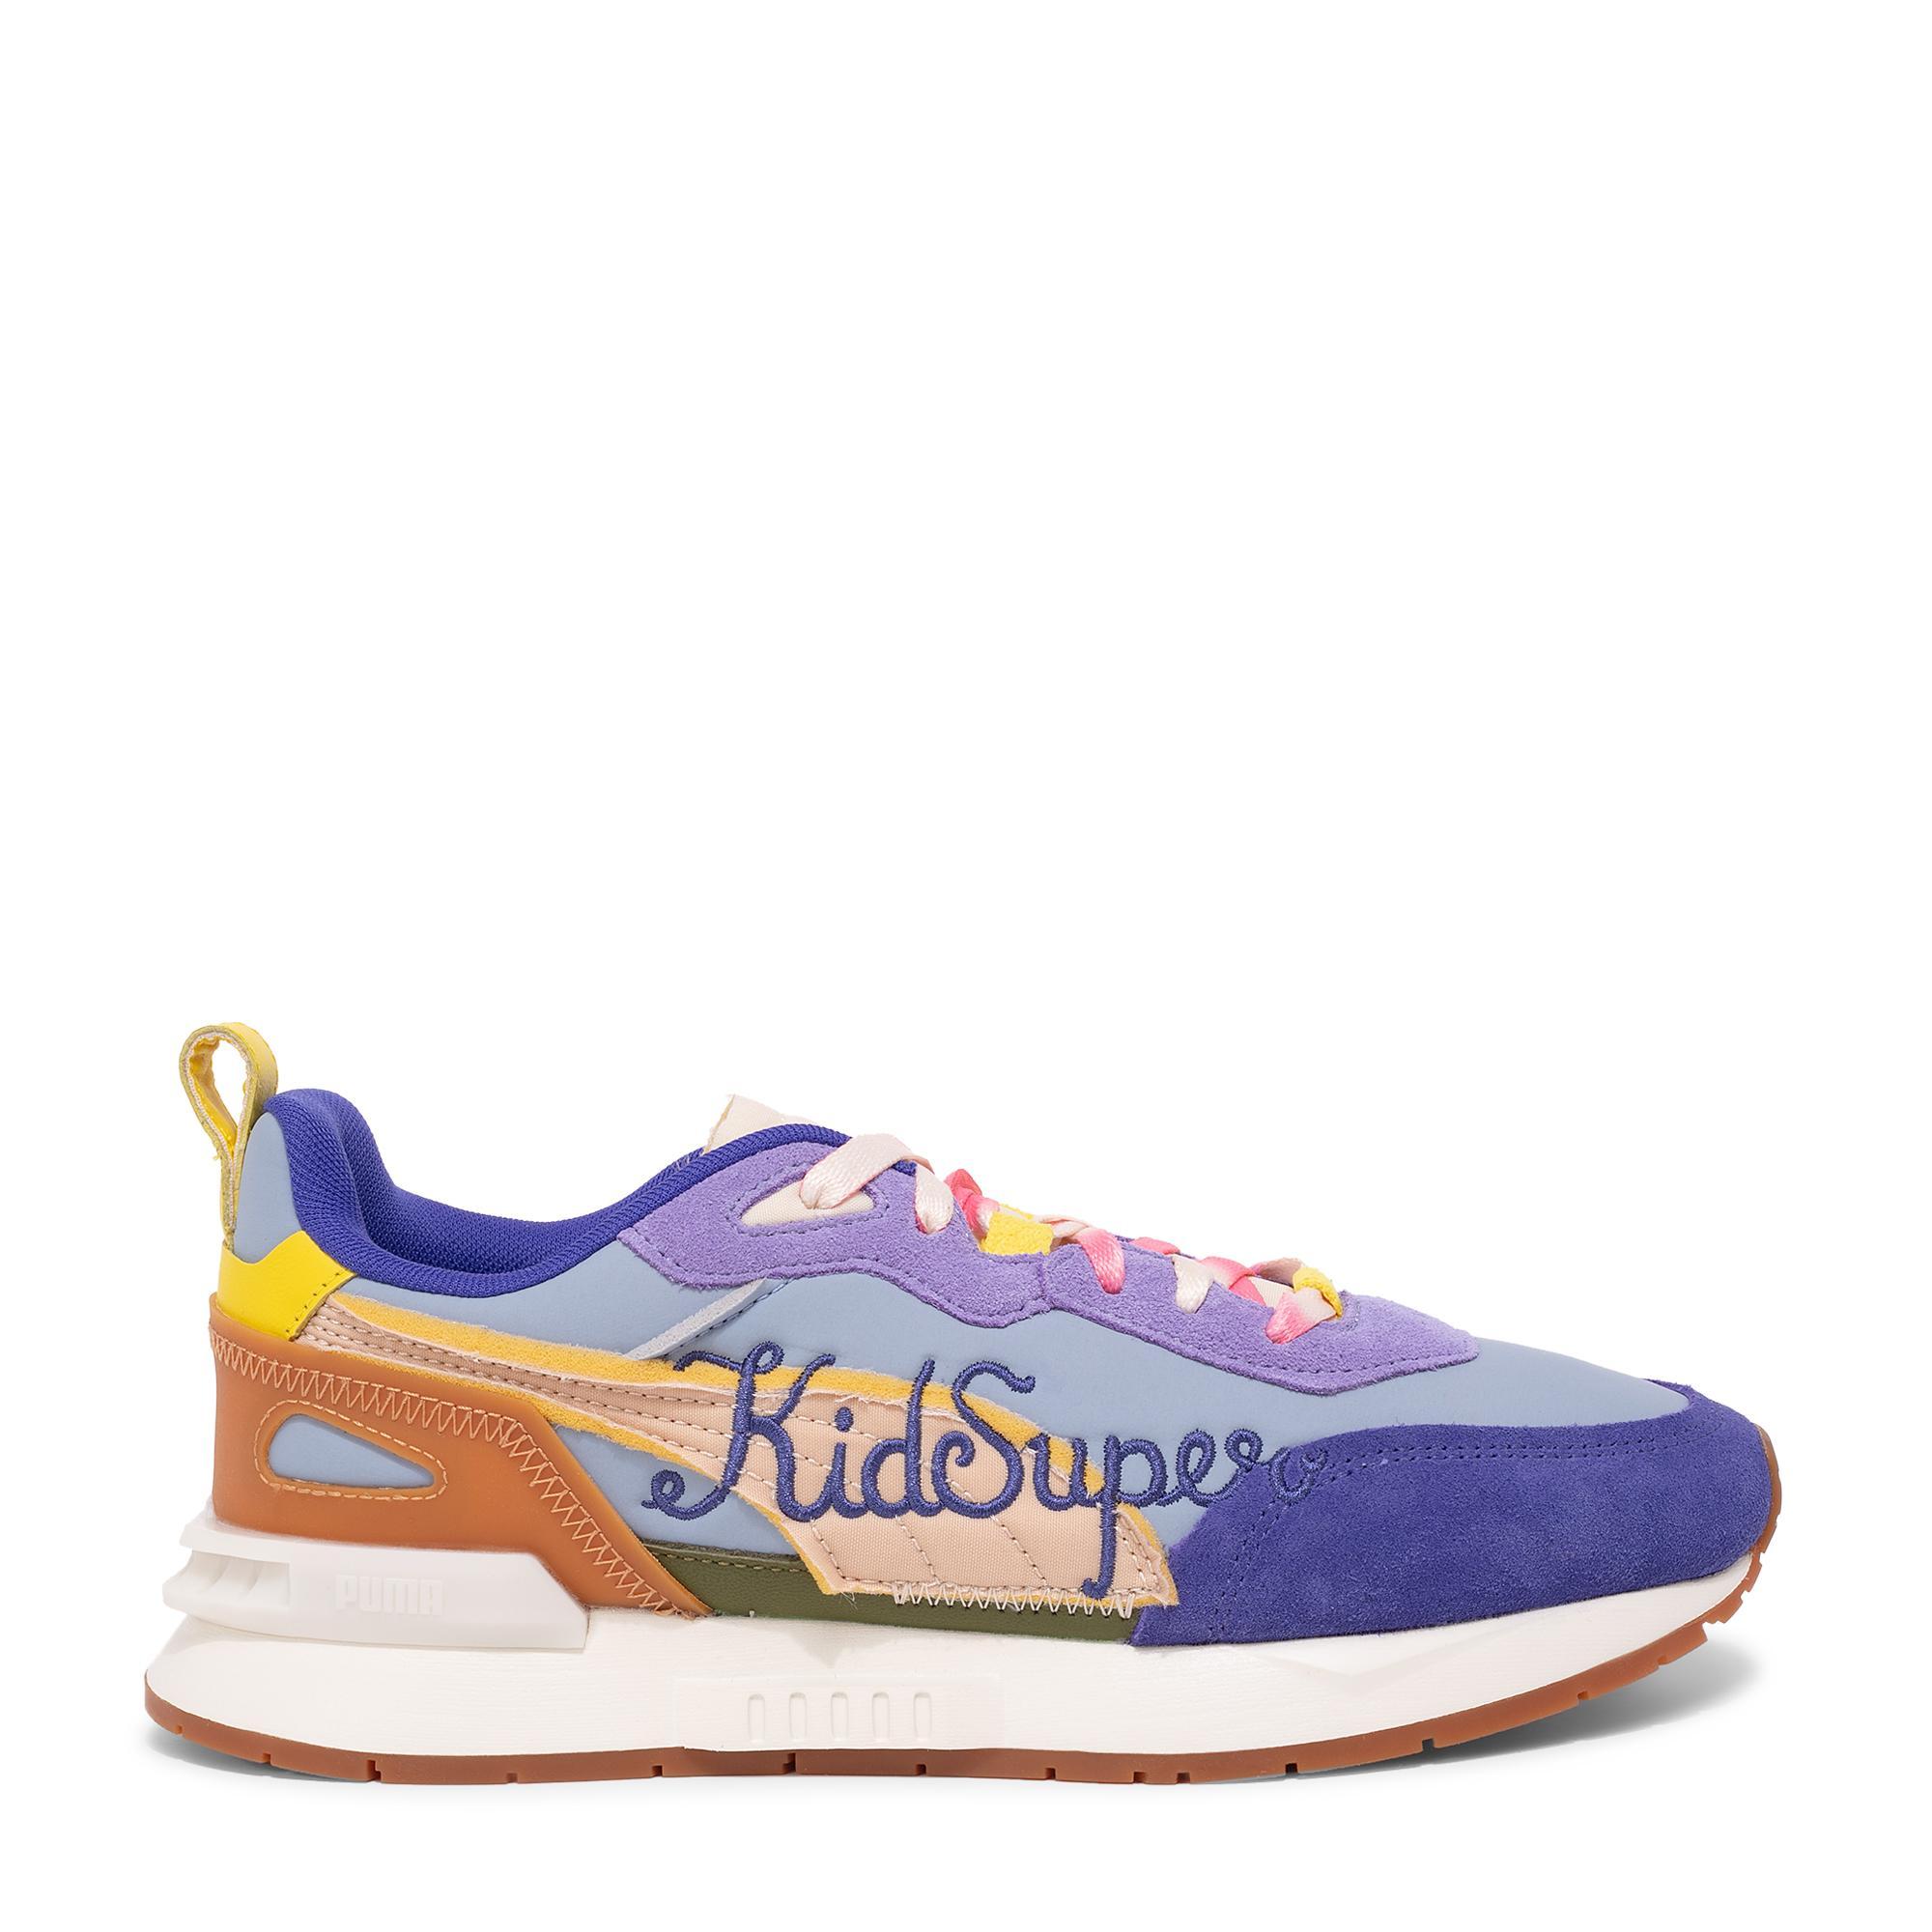 """حذاء """"× كيدسوبر ستوديوز ميراج موكس"""" الرياضي"""